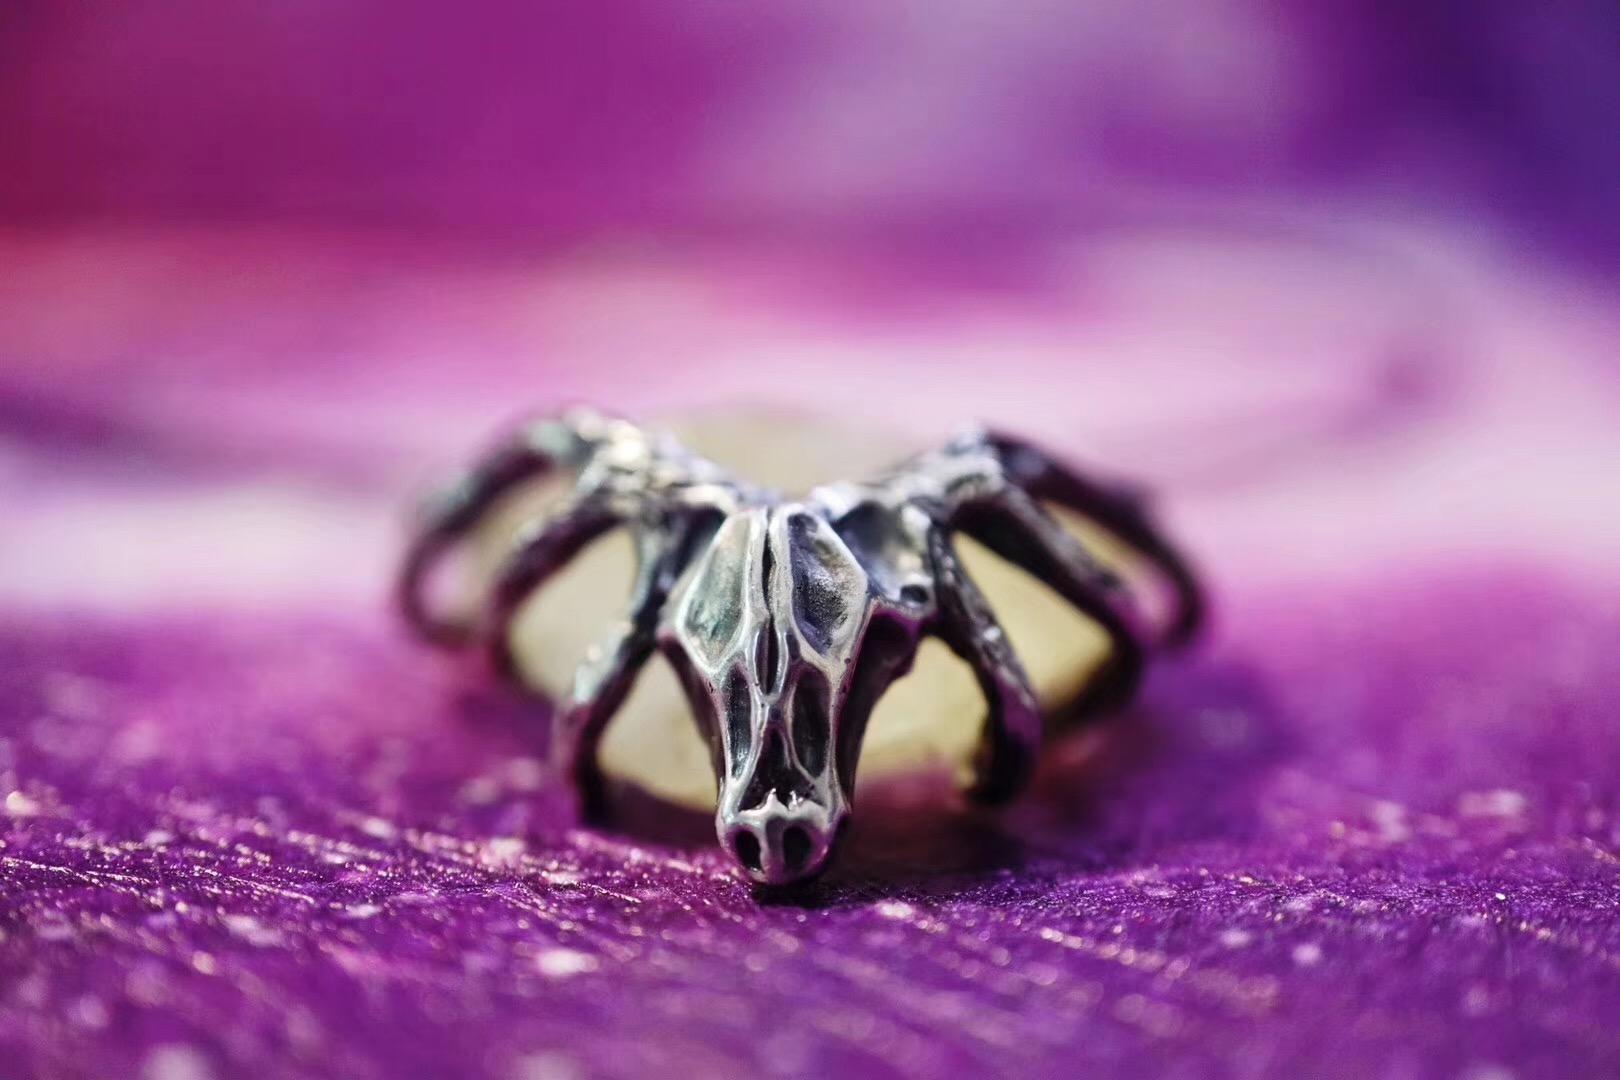 【利比亚黄金陨石】记忆:一种储存在心的「以为」-菩心晶舍